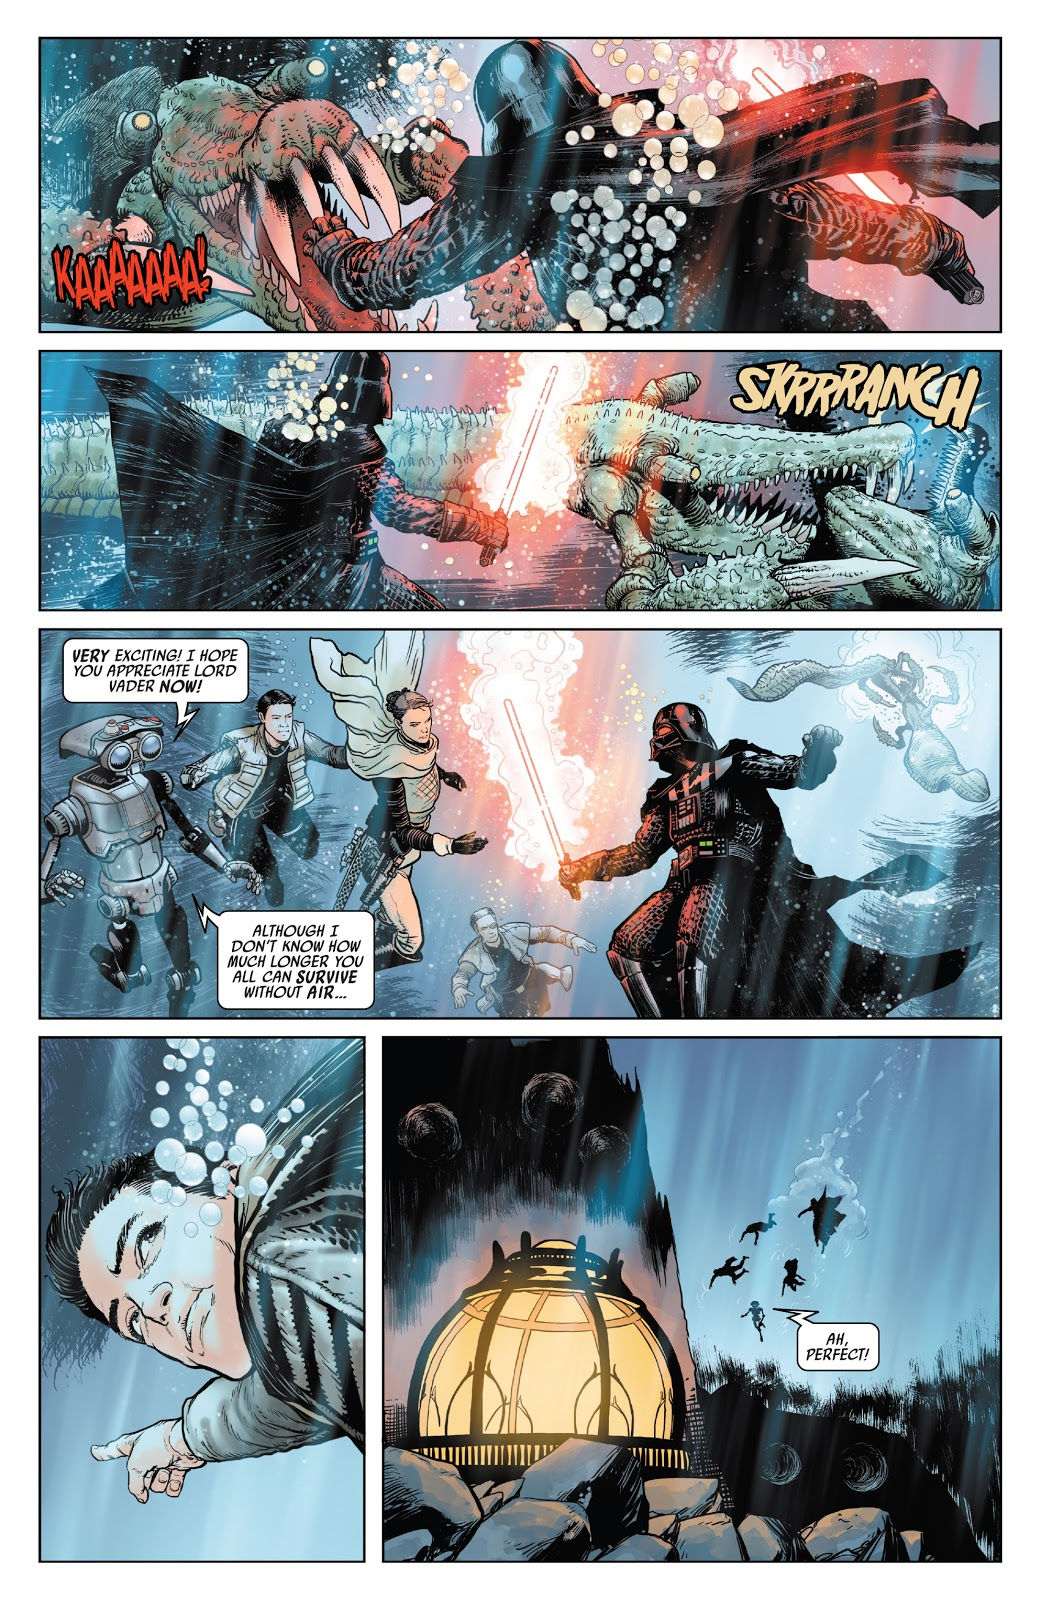 Darth Vader VS Colo Claw Fish